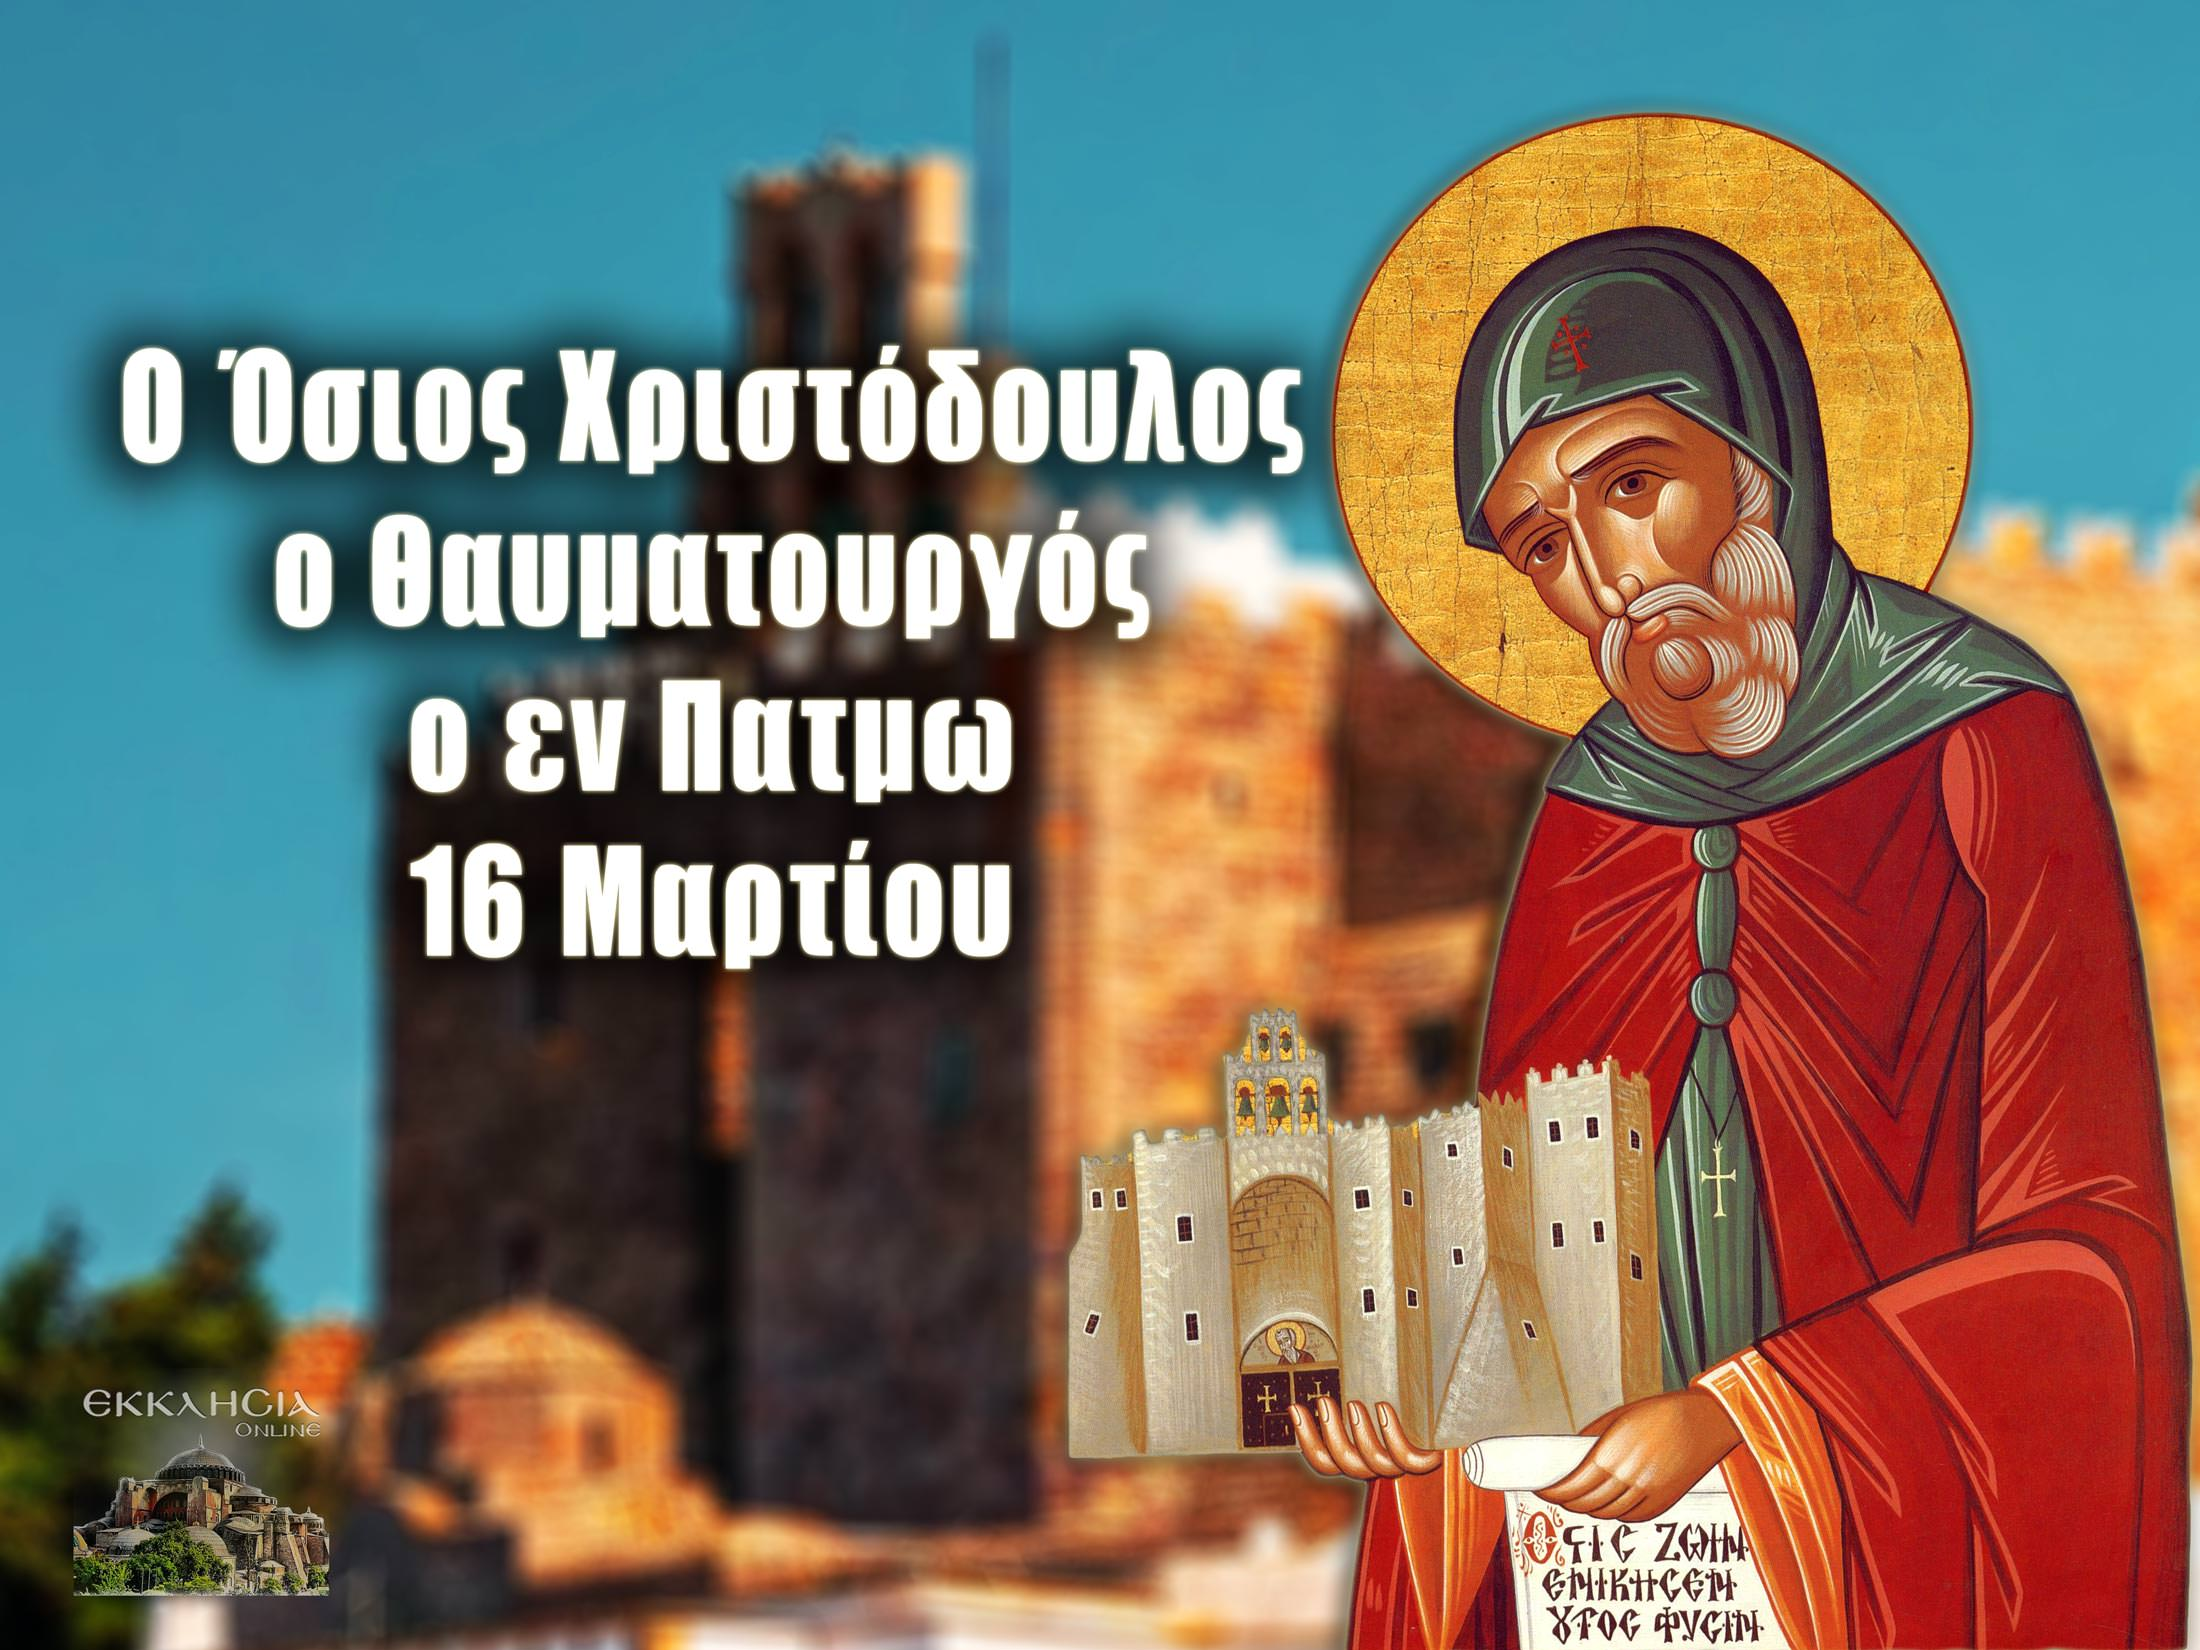 Όσιος Χριστόδουλος ο Θαυματουργός 16 Μαρτίου